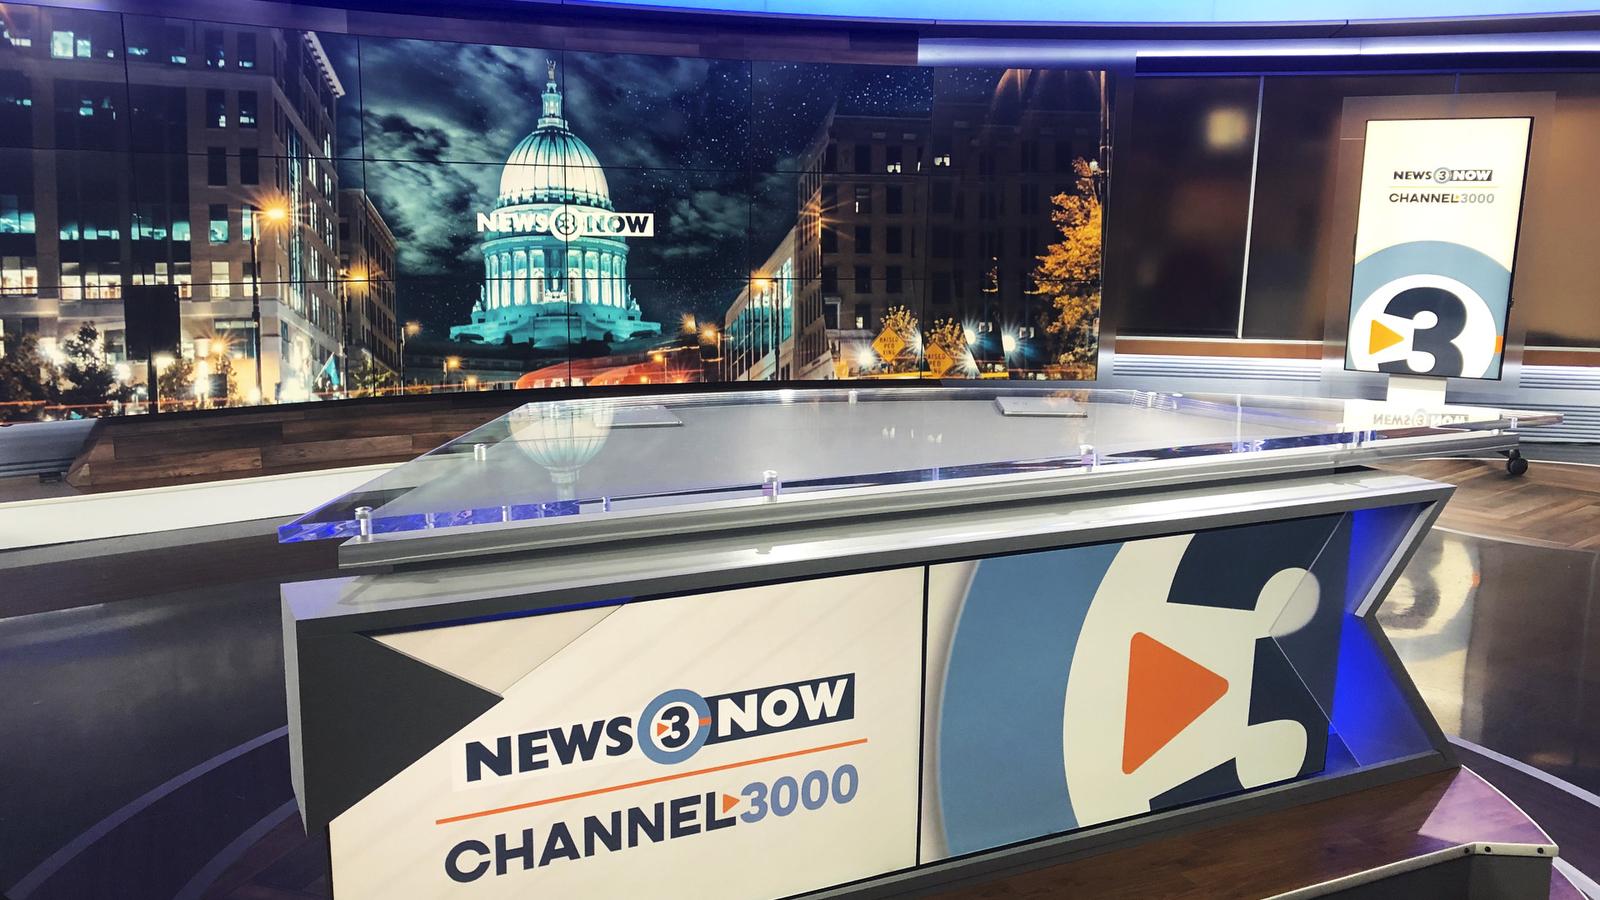 NCS_News-3-Now-WISC-TV_Studio_002